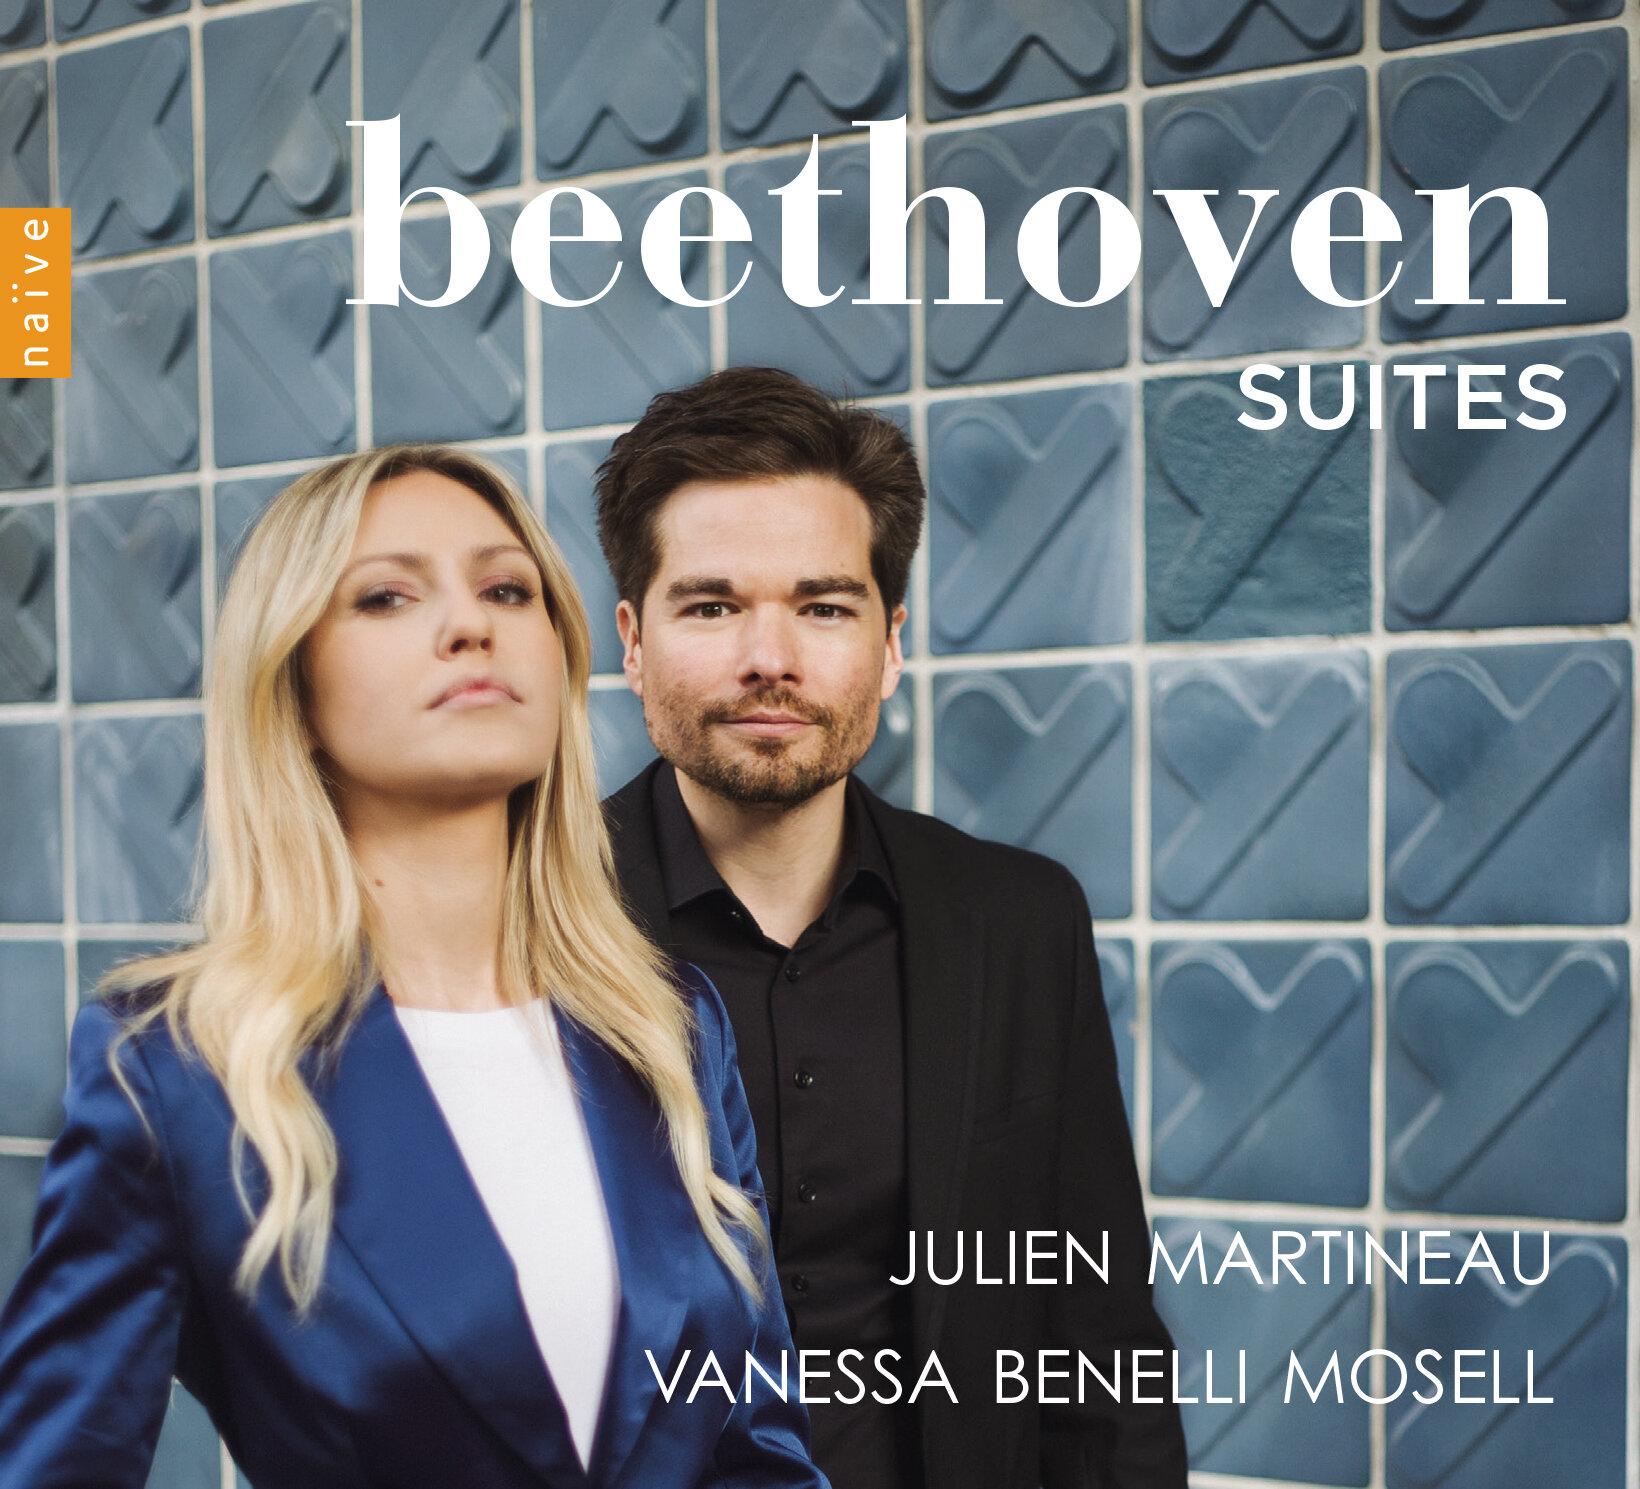 V7083 Beethoven Suites.jpg